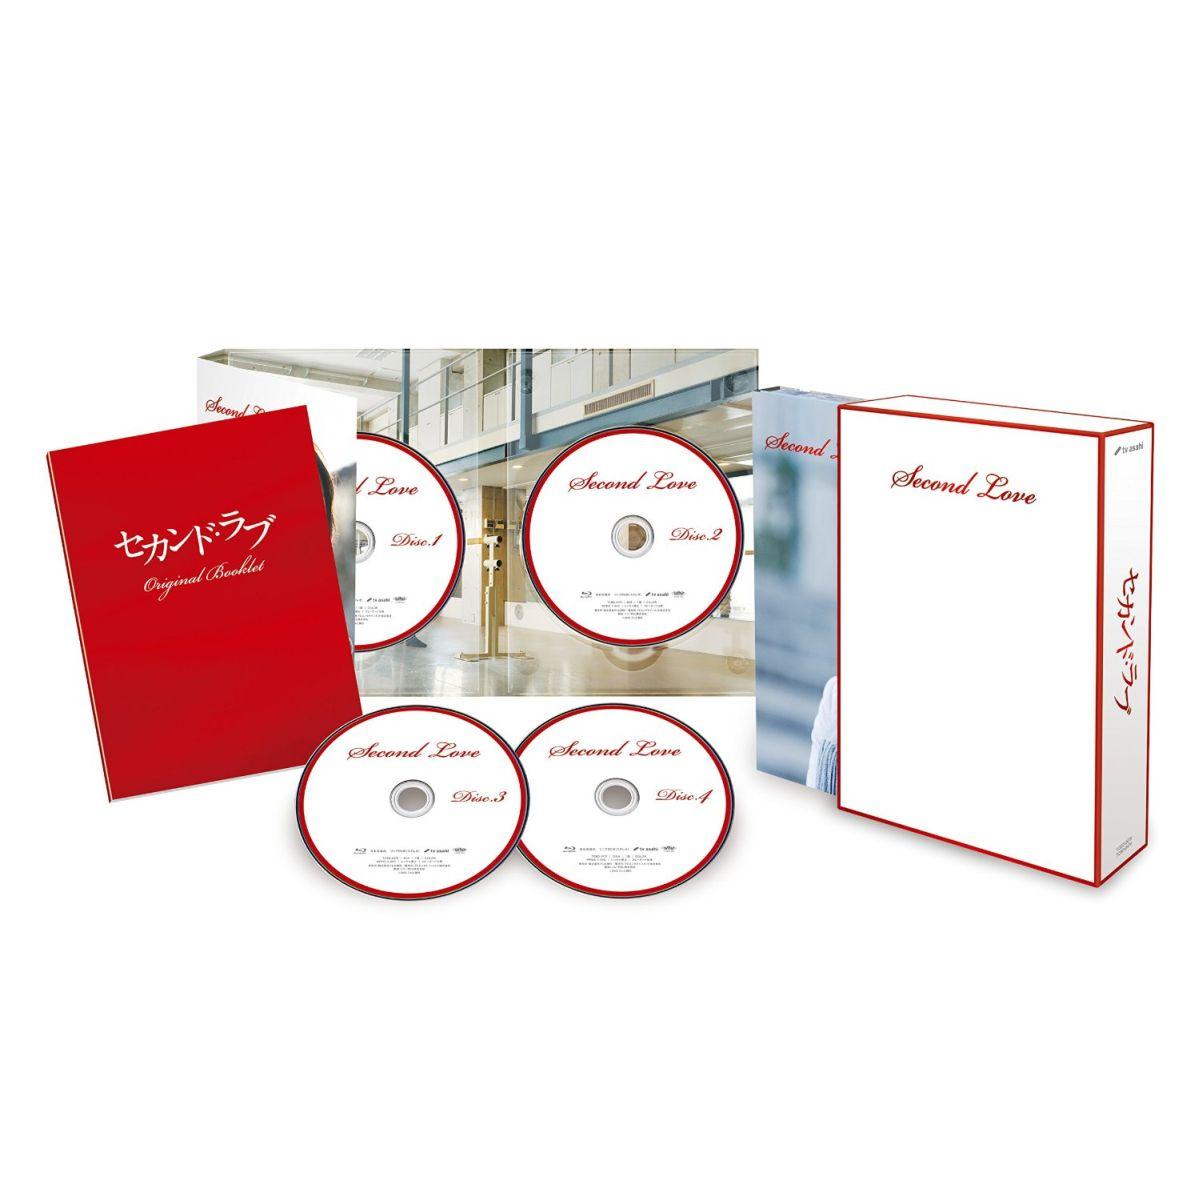 セカンド・ラブ Blu-ray BOX【Blu-ray】